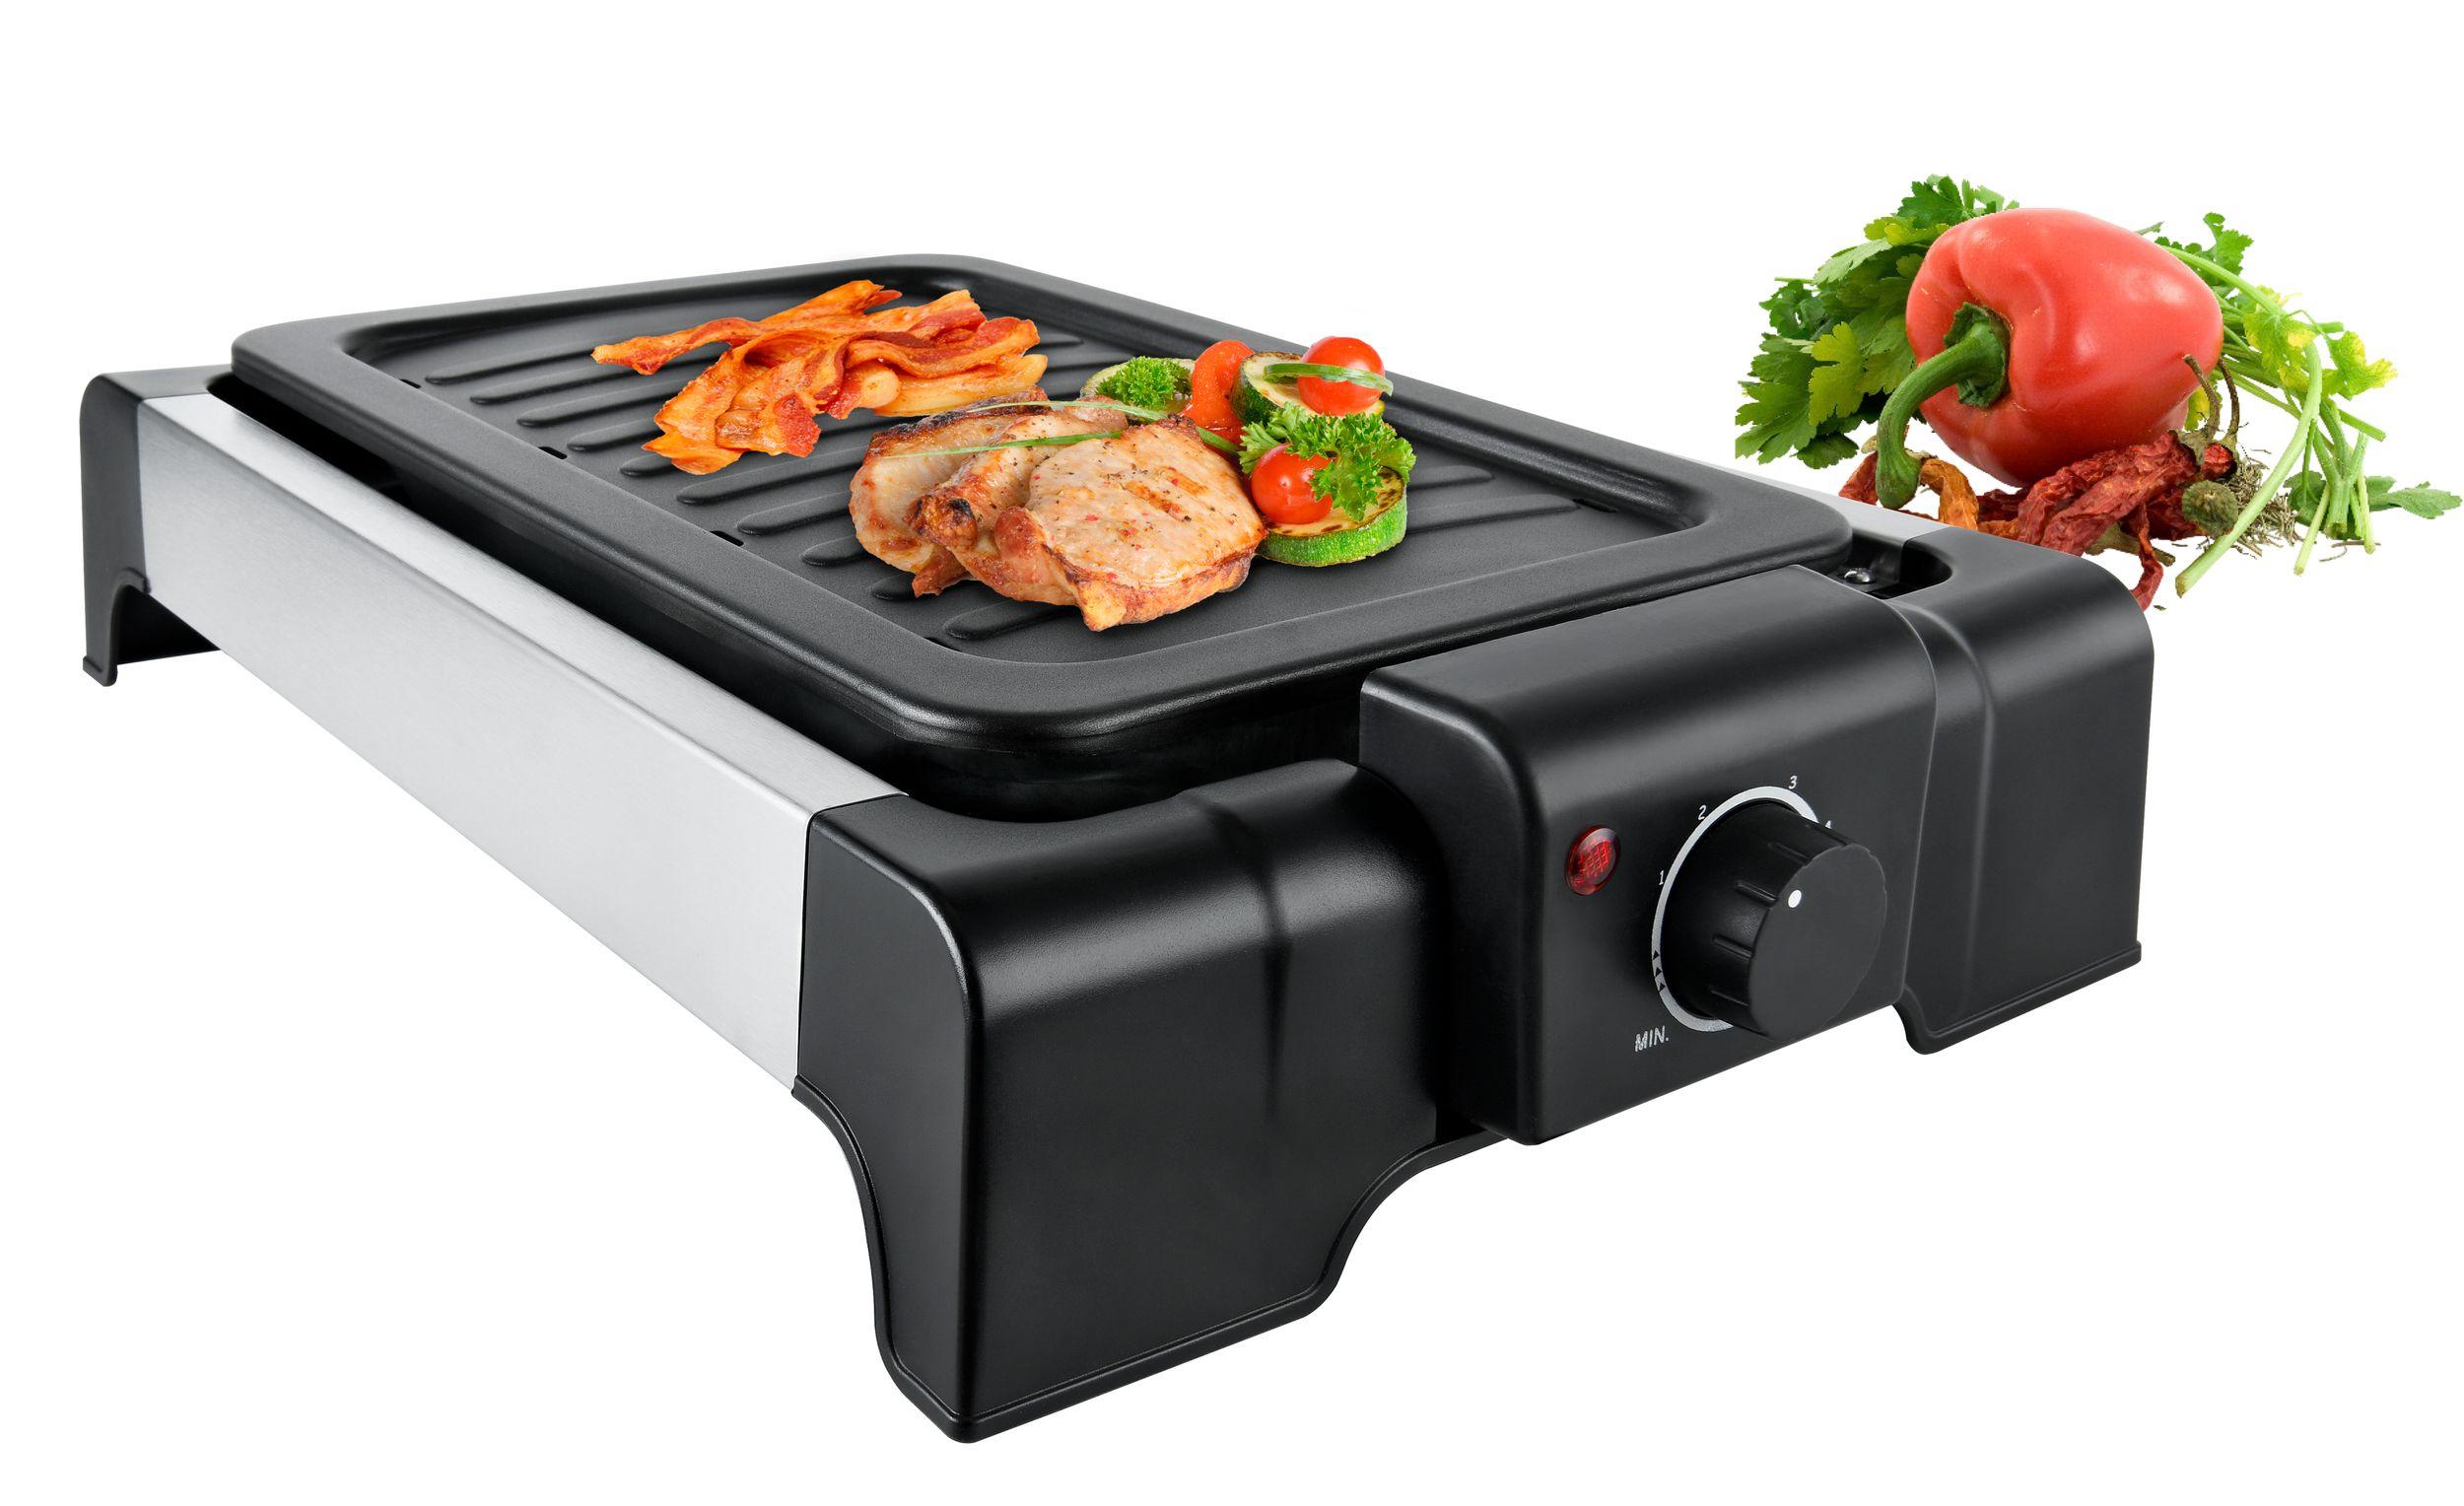 Tischgrill Grillplatte Elektro-Grill innen außen(Karton beschädigt)*35500